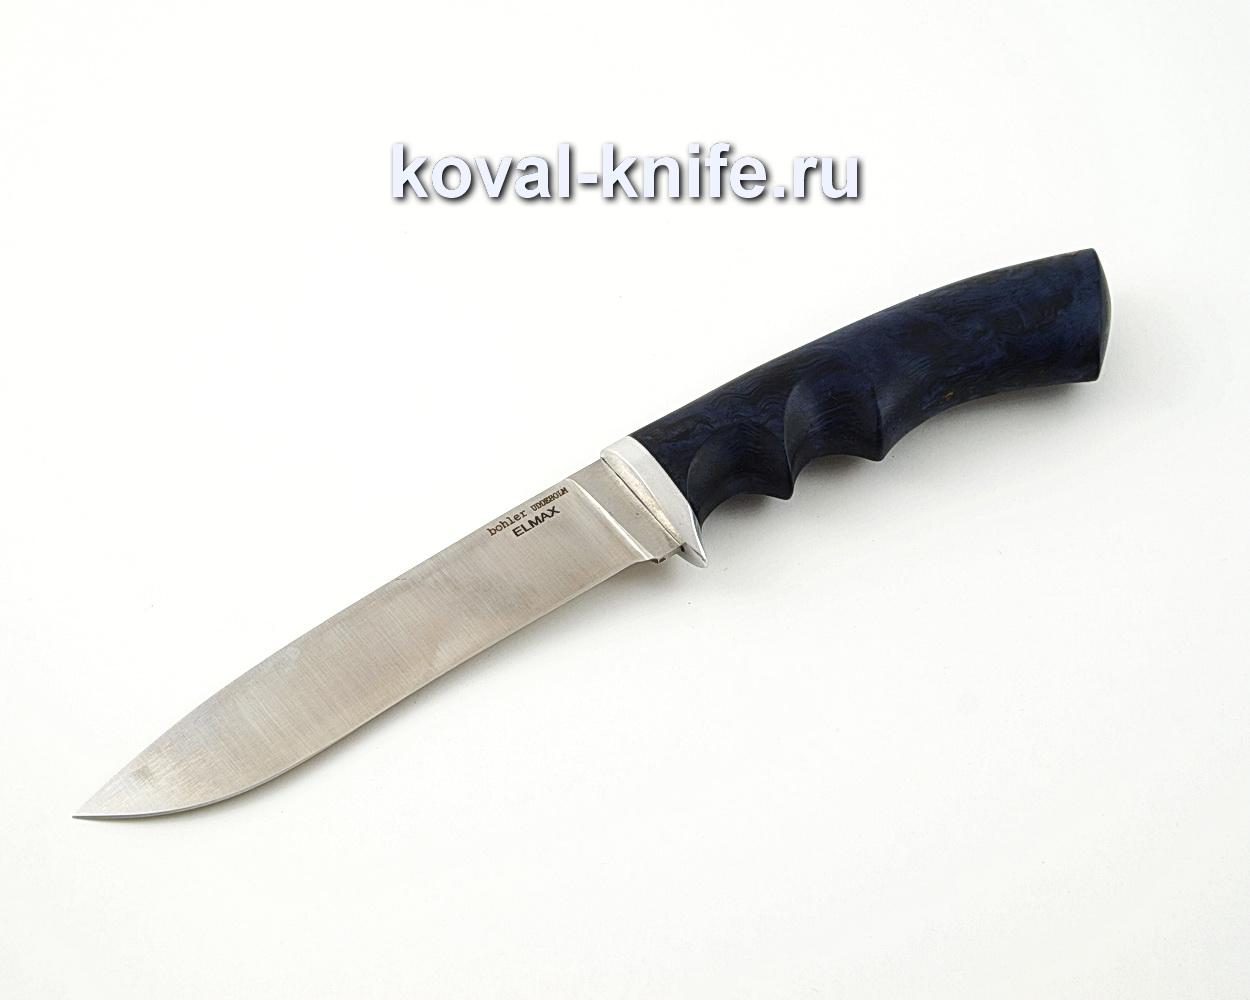 Нож Олимп из порошковой стали Elmax с рукоятью из стабилизированной карельской березы, гарда мельхиор A561